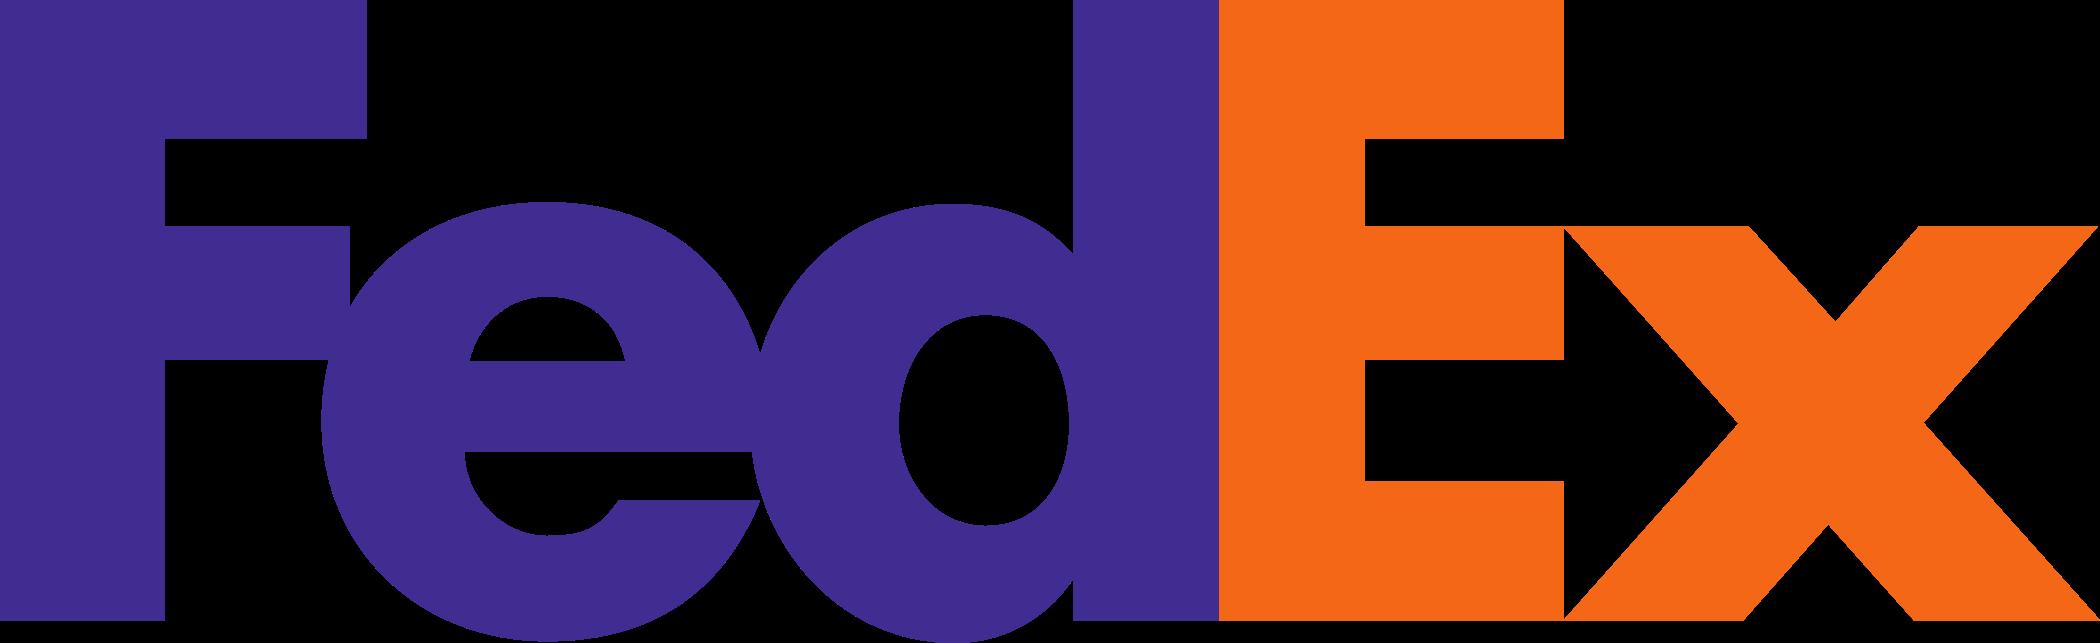 fedex logo 2 - FedEx Logo